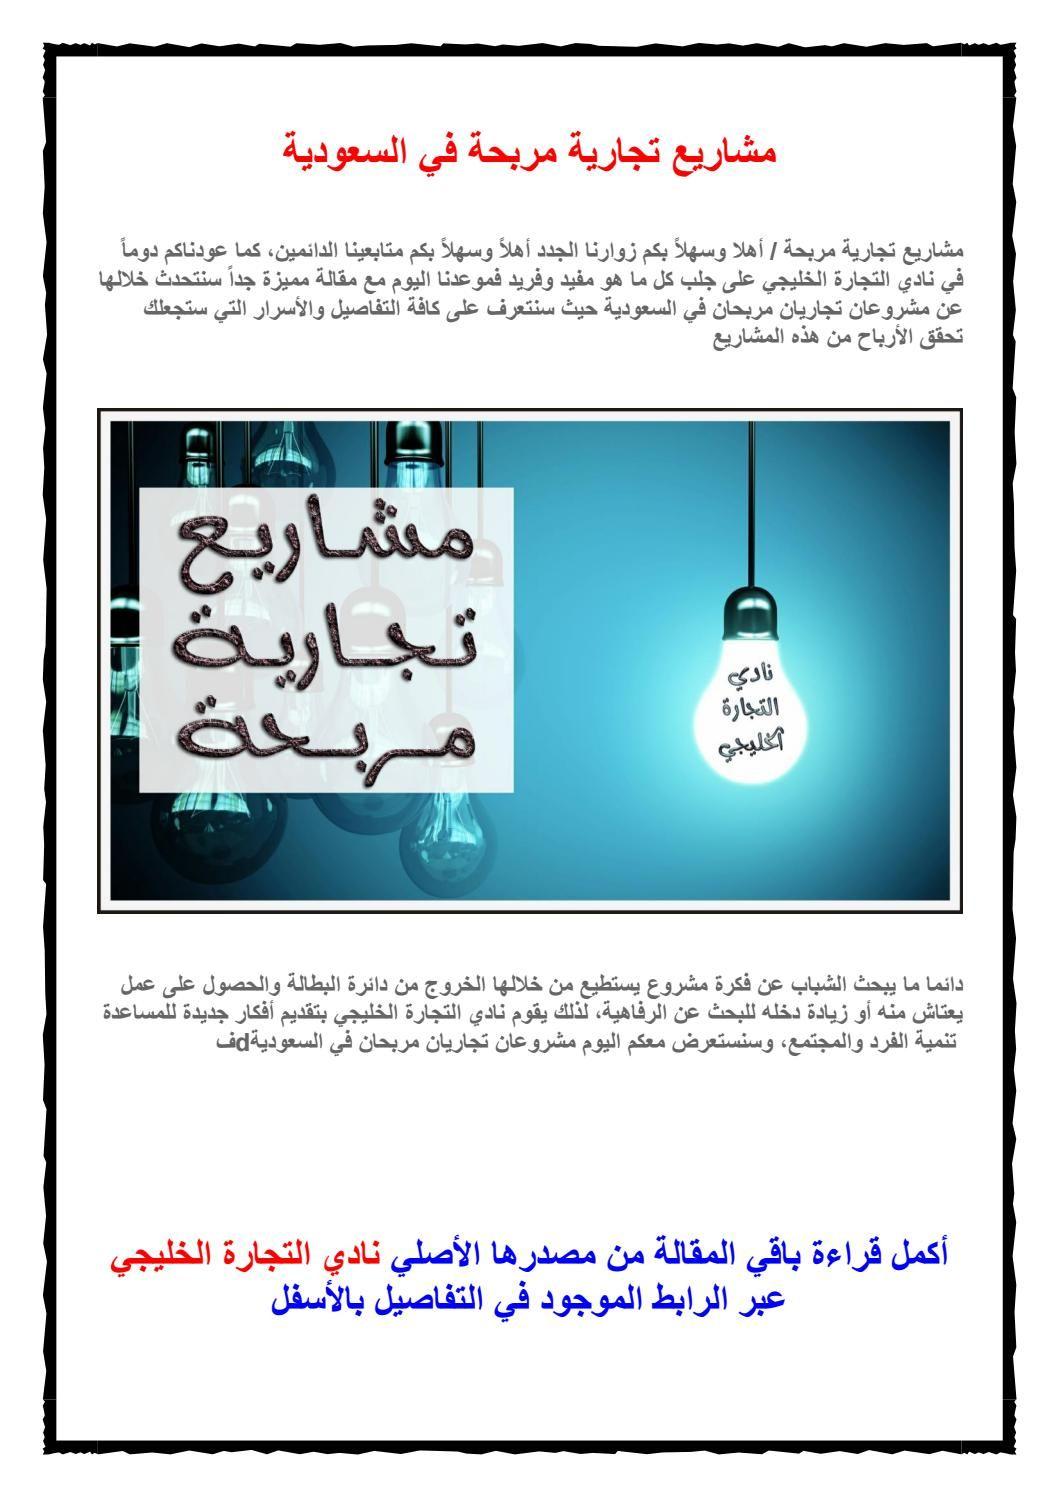 مشاريع تجارية مربحة في السعودية Microsoft